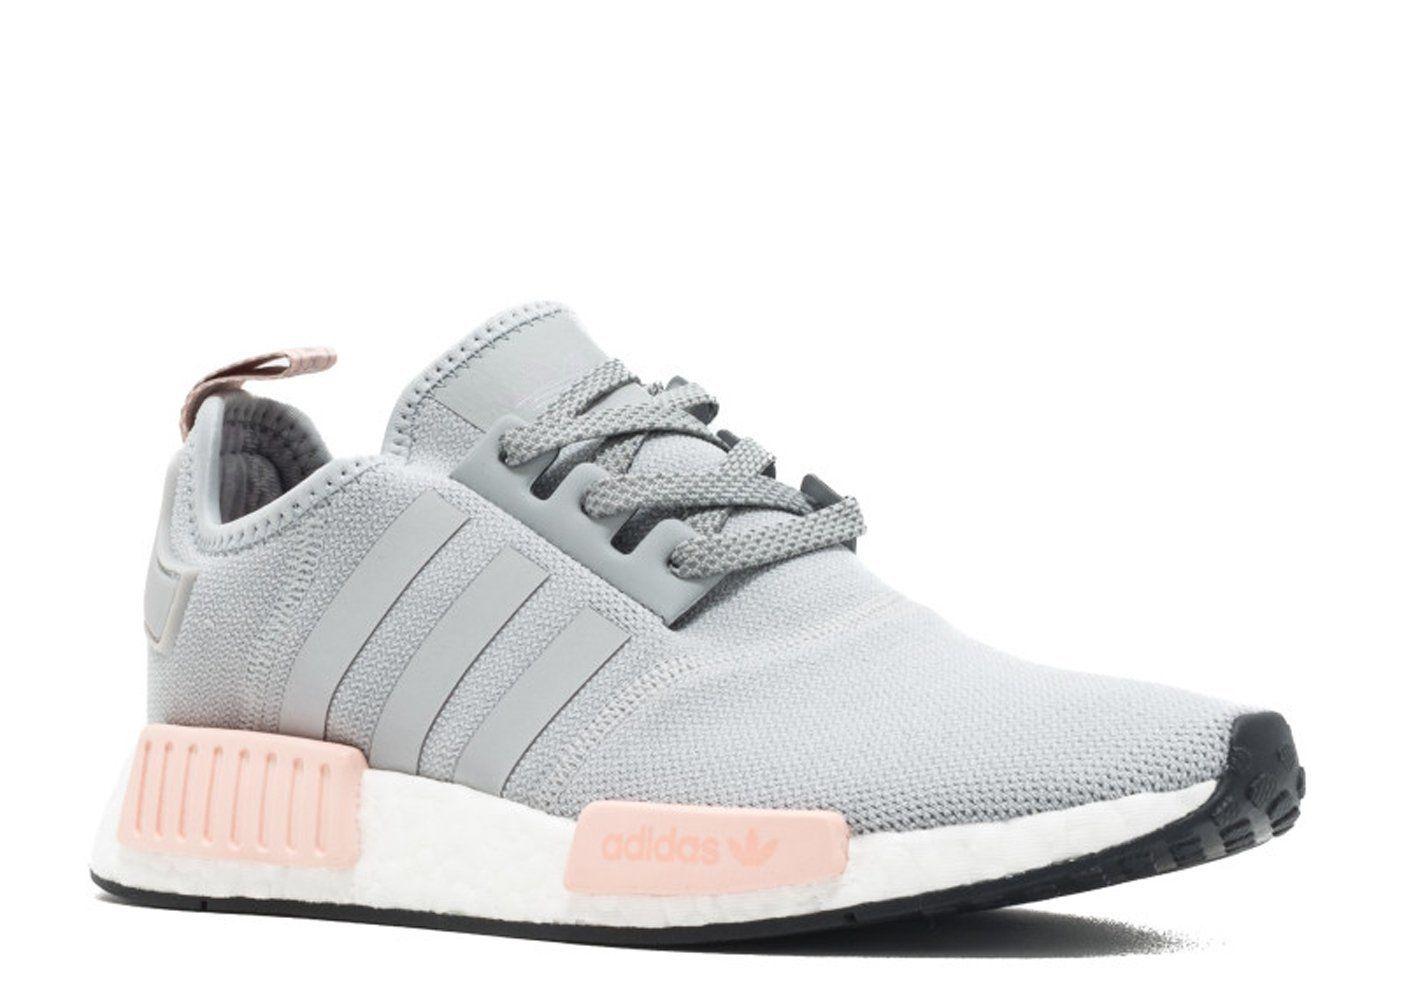 nmd adidas light grey